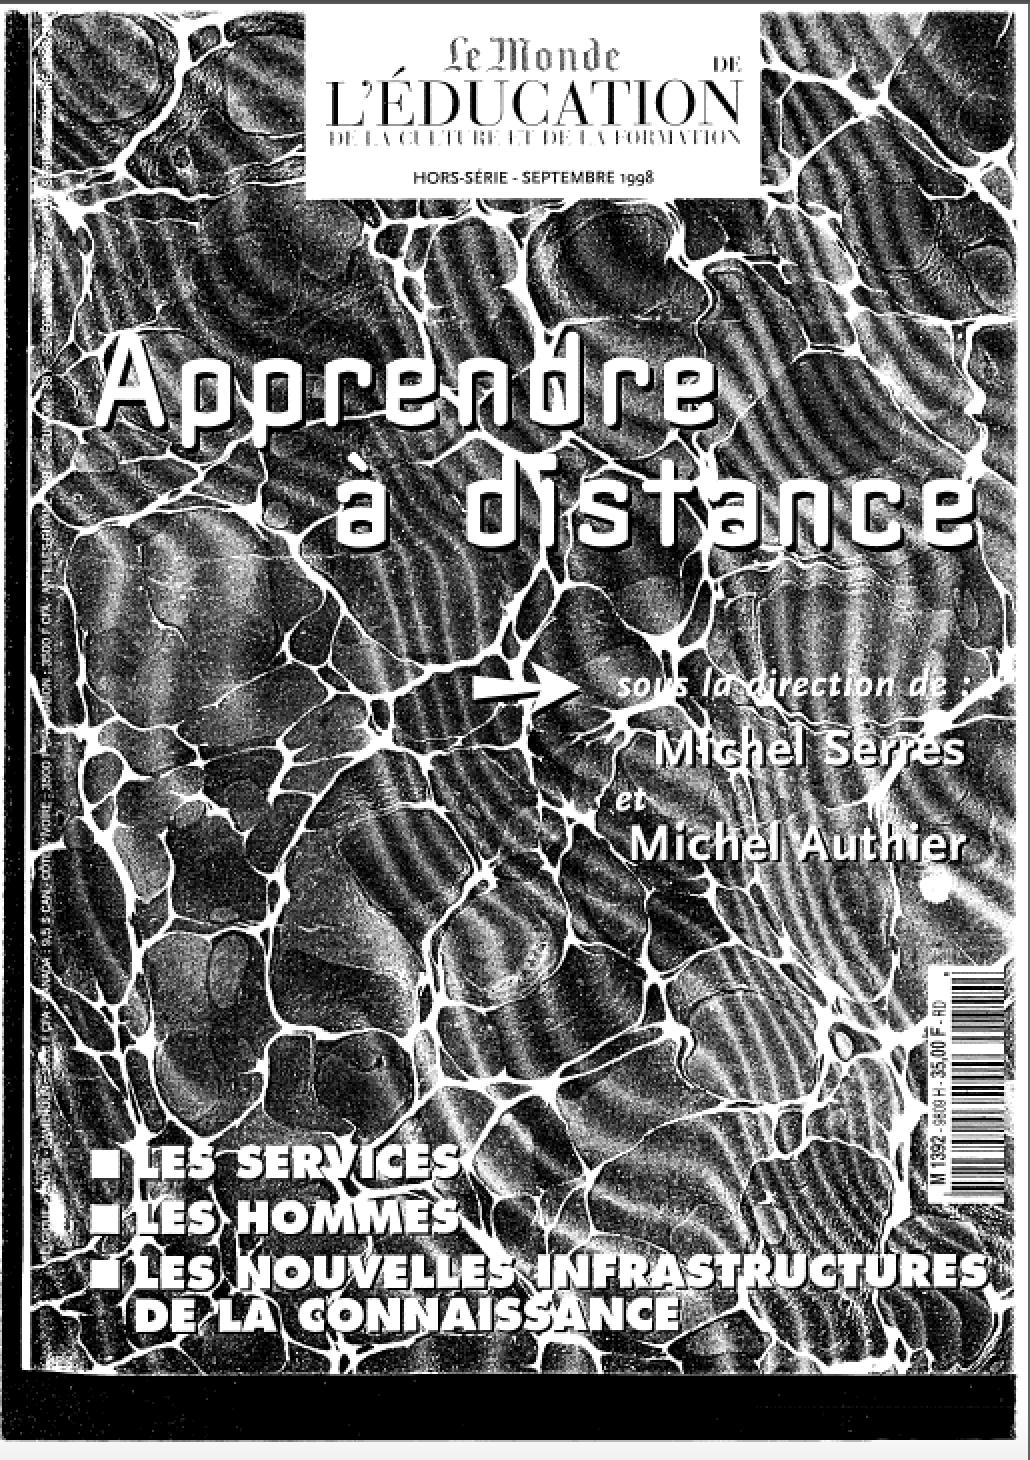 Magazine Apprendre La Photo hors série sept 1998 - le monde apprendre à distance sous la